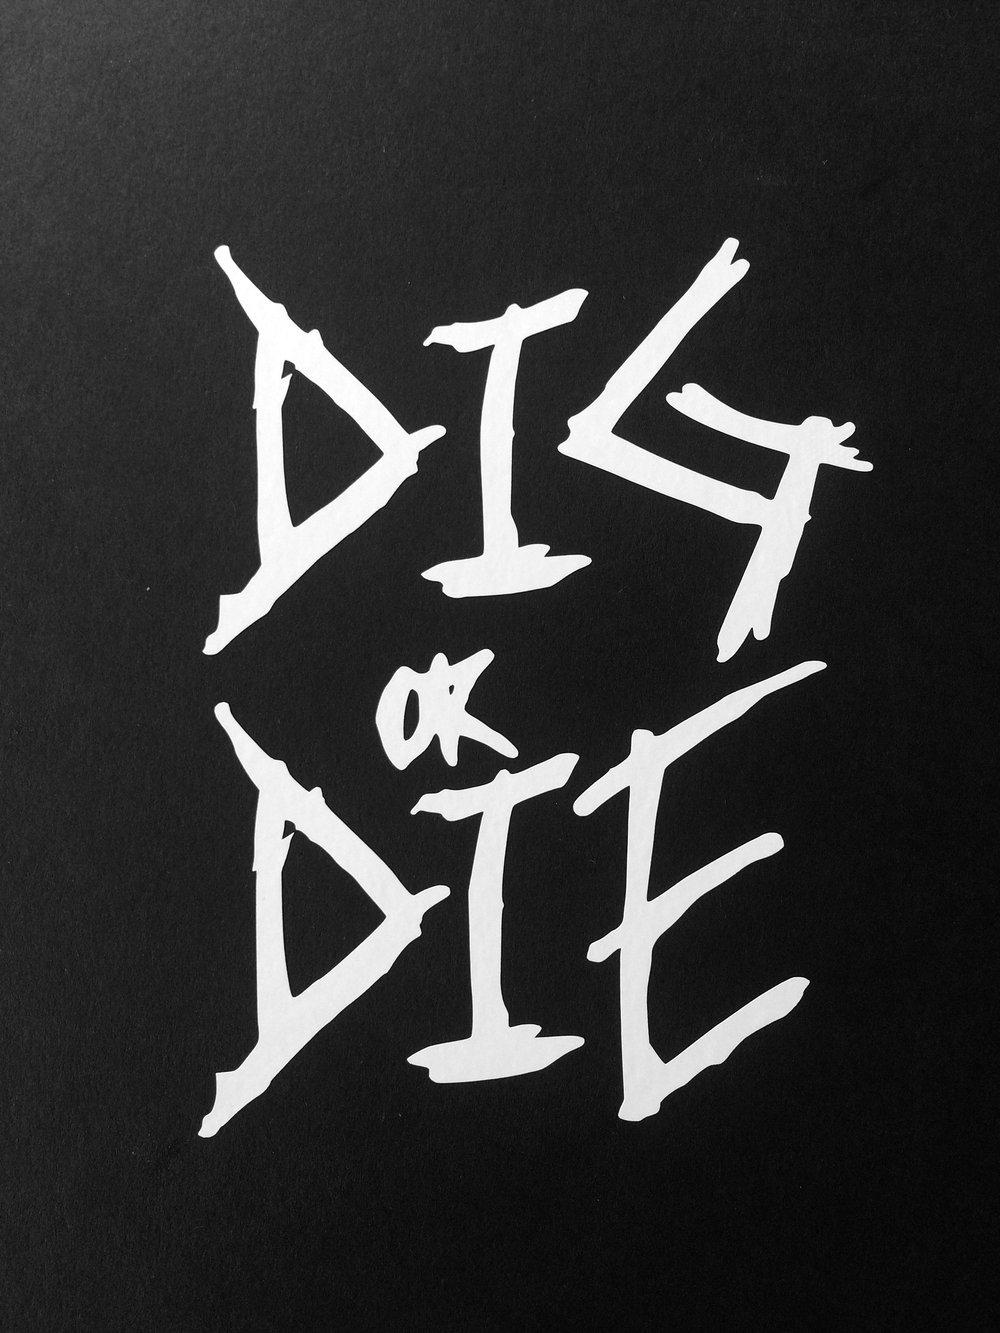 Image of DIG or DIE vinyl